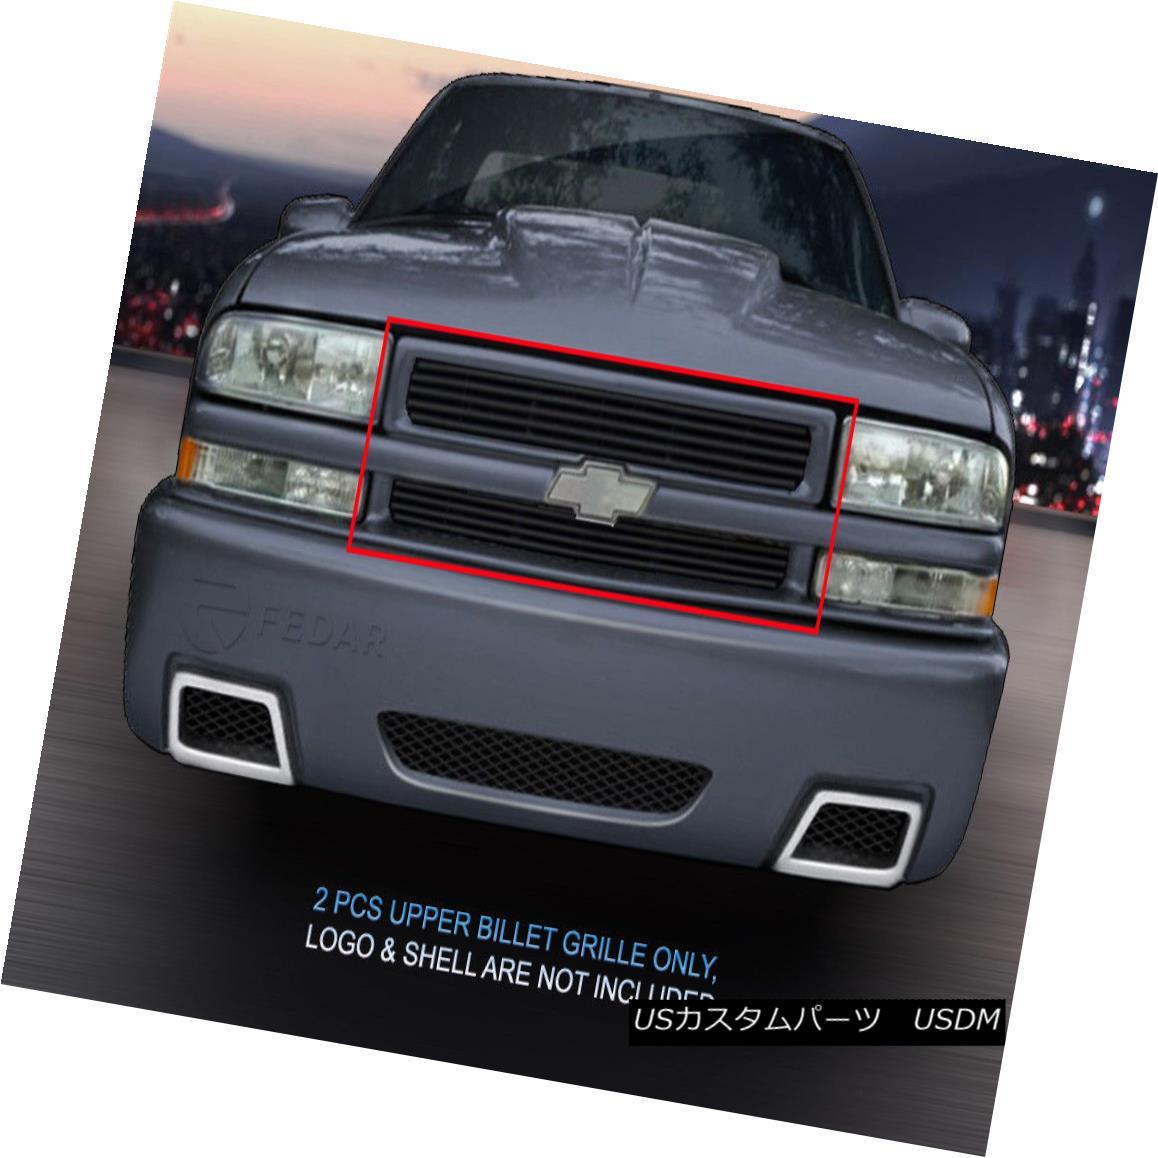 グリル Fedar Fits 98-05 Chevy Blazer/S10 Black Billet Grille Replacement Fedar 98-05シボレーブレイザー/ S10ブラックビレットグリル交換